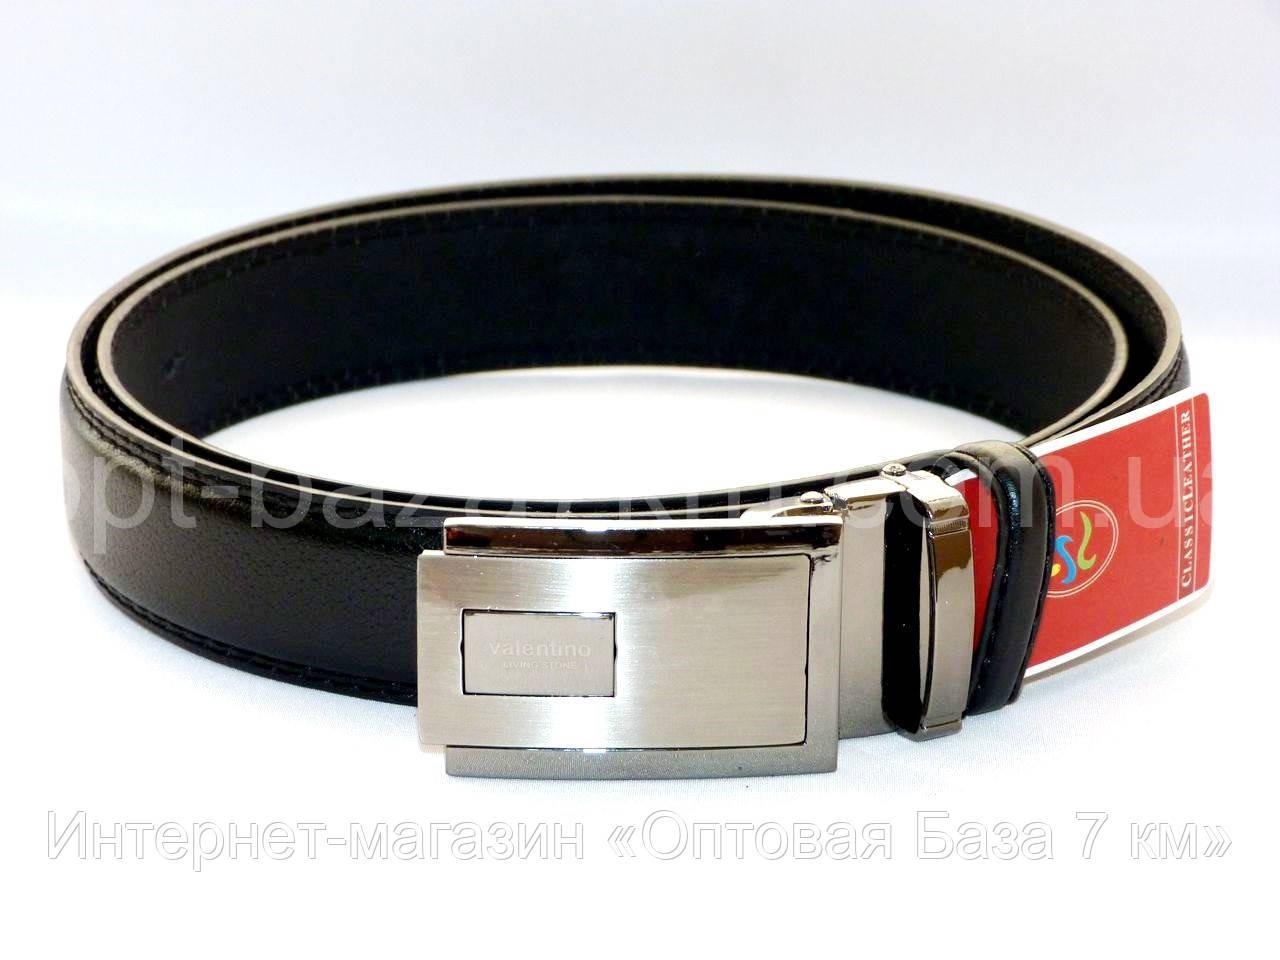 63dc006718d5 Ремень мужской оптом пряжка гвоздик купить в одессе 7 км - копии брендов -  Интернет-